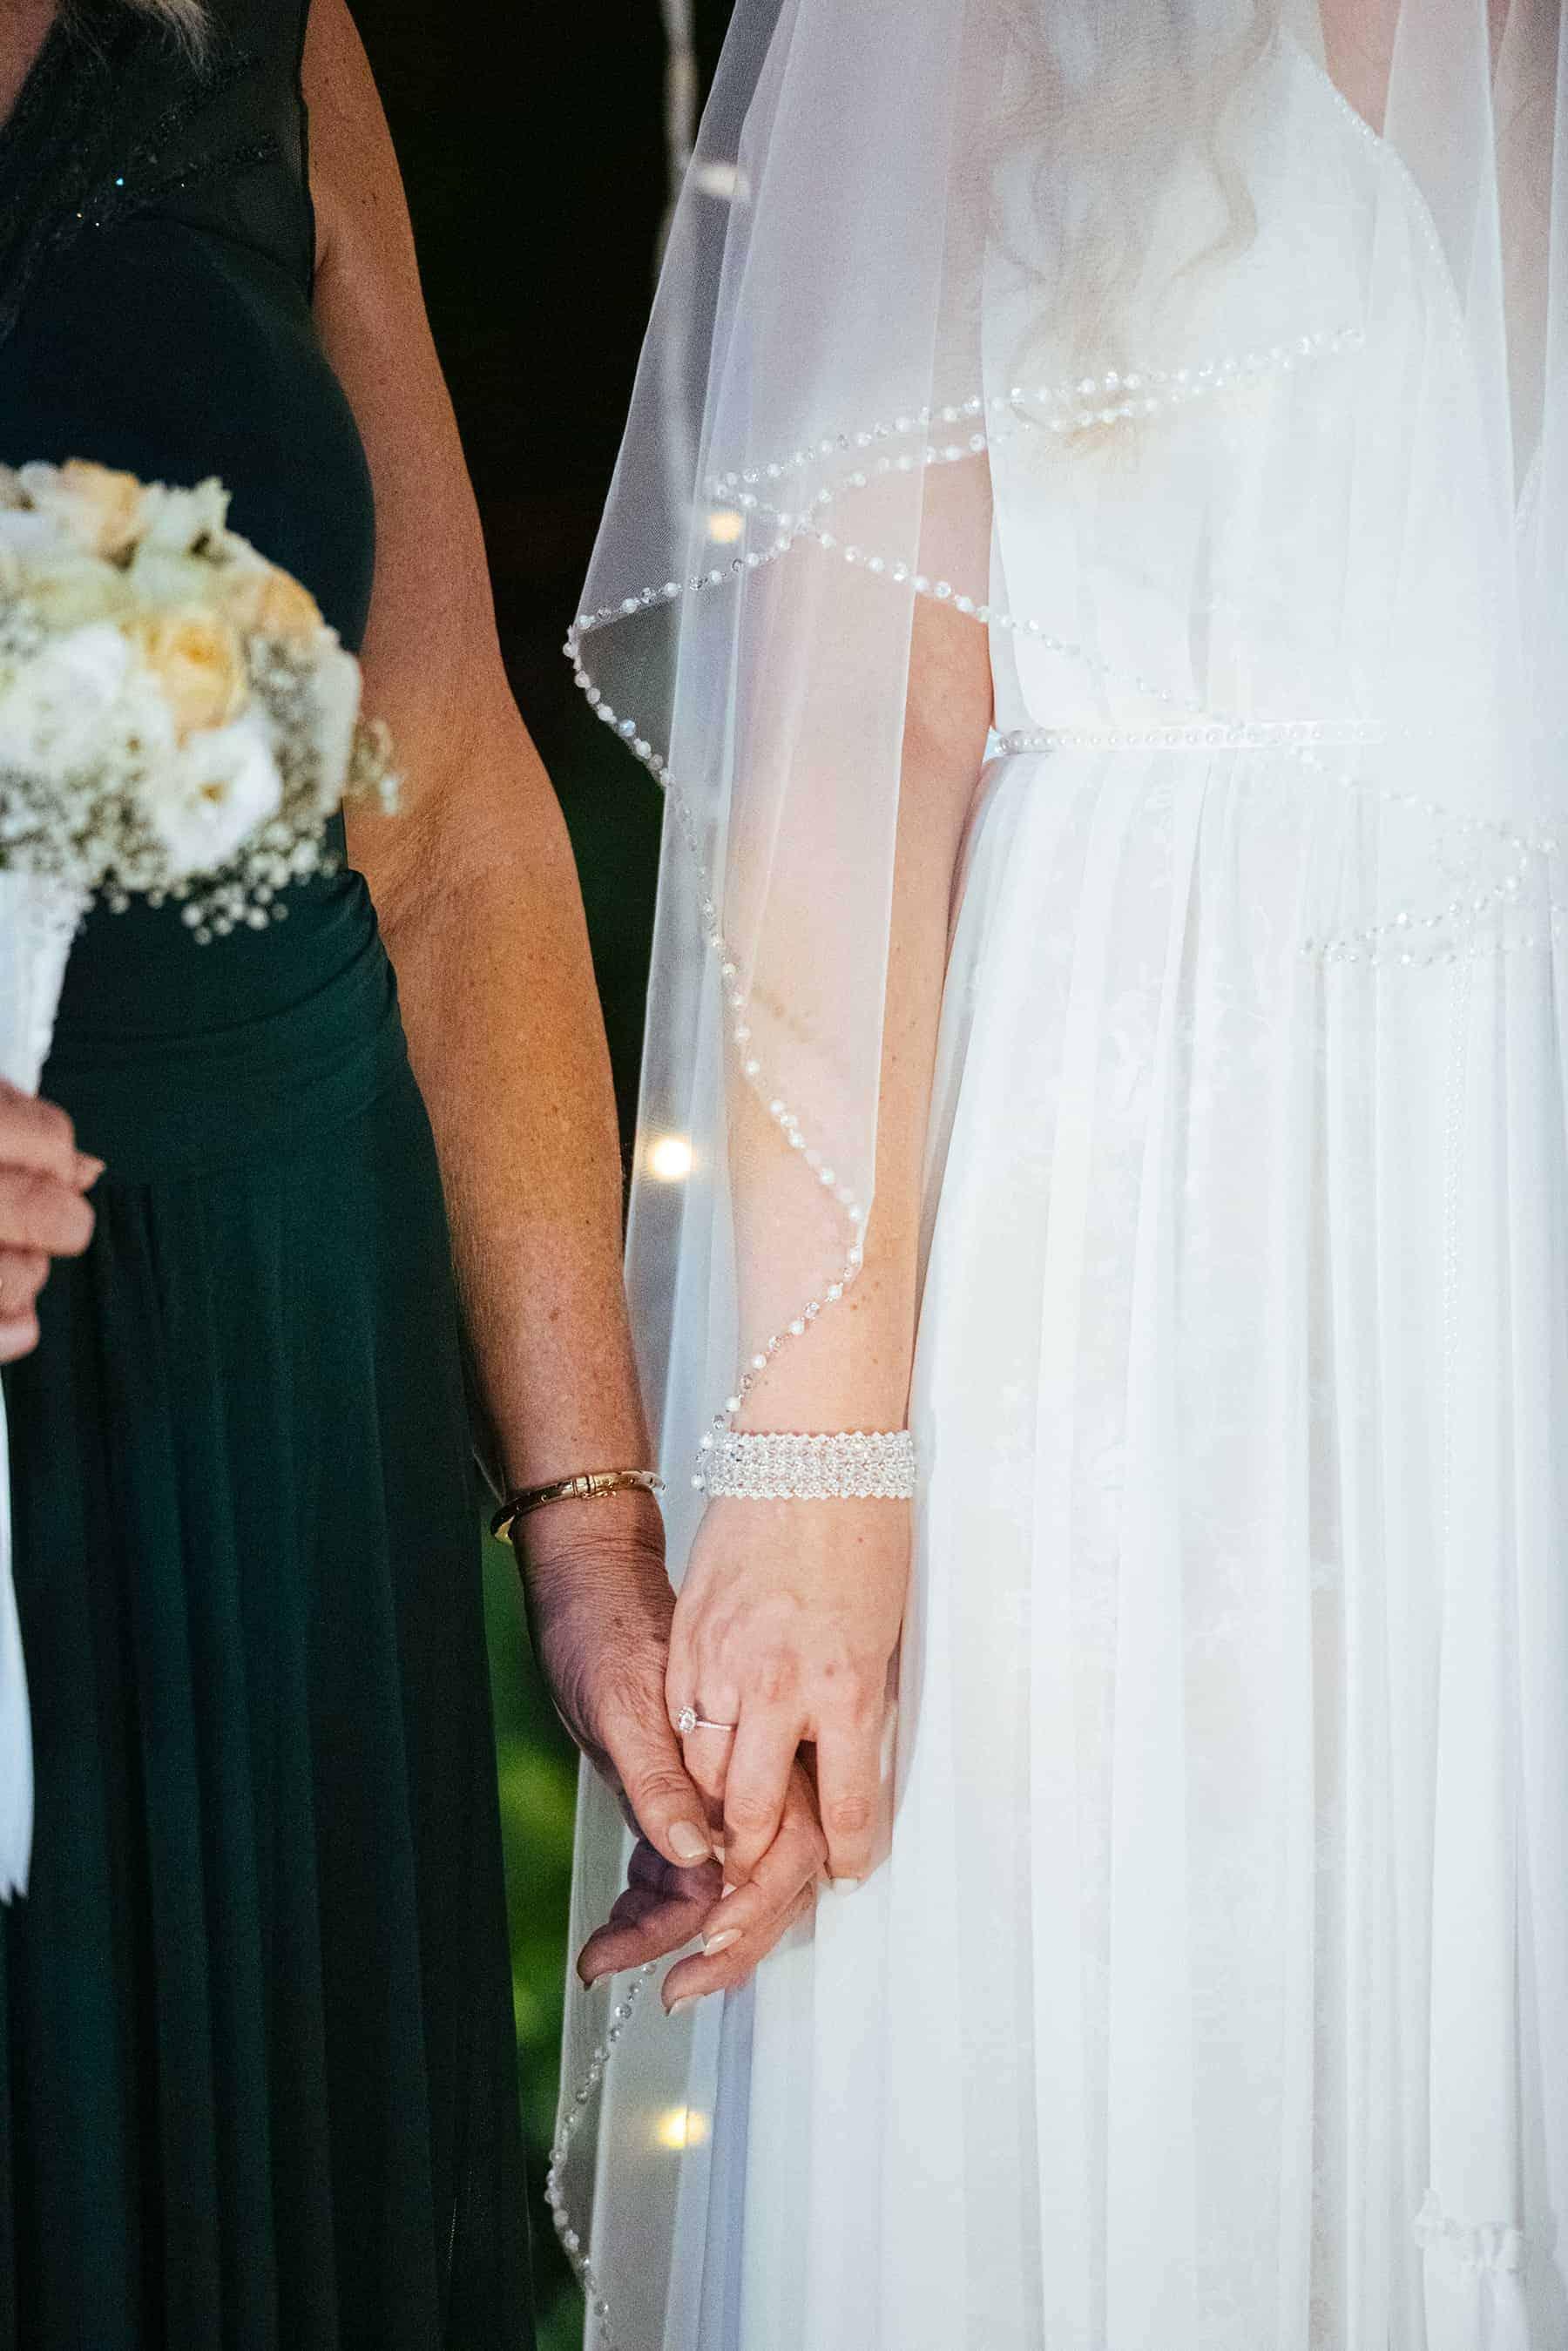 מגנטים לחתונות | מגנטים לחתונה